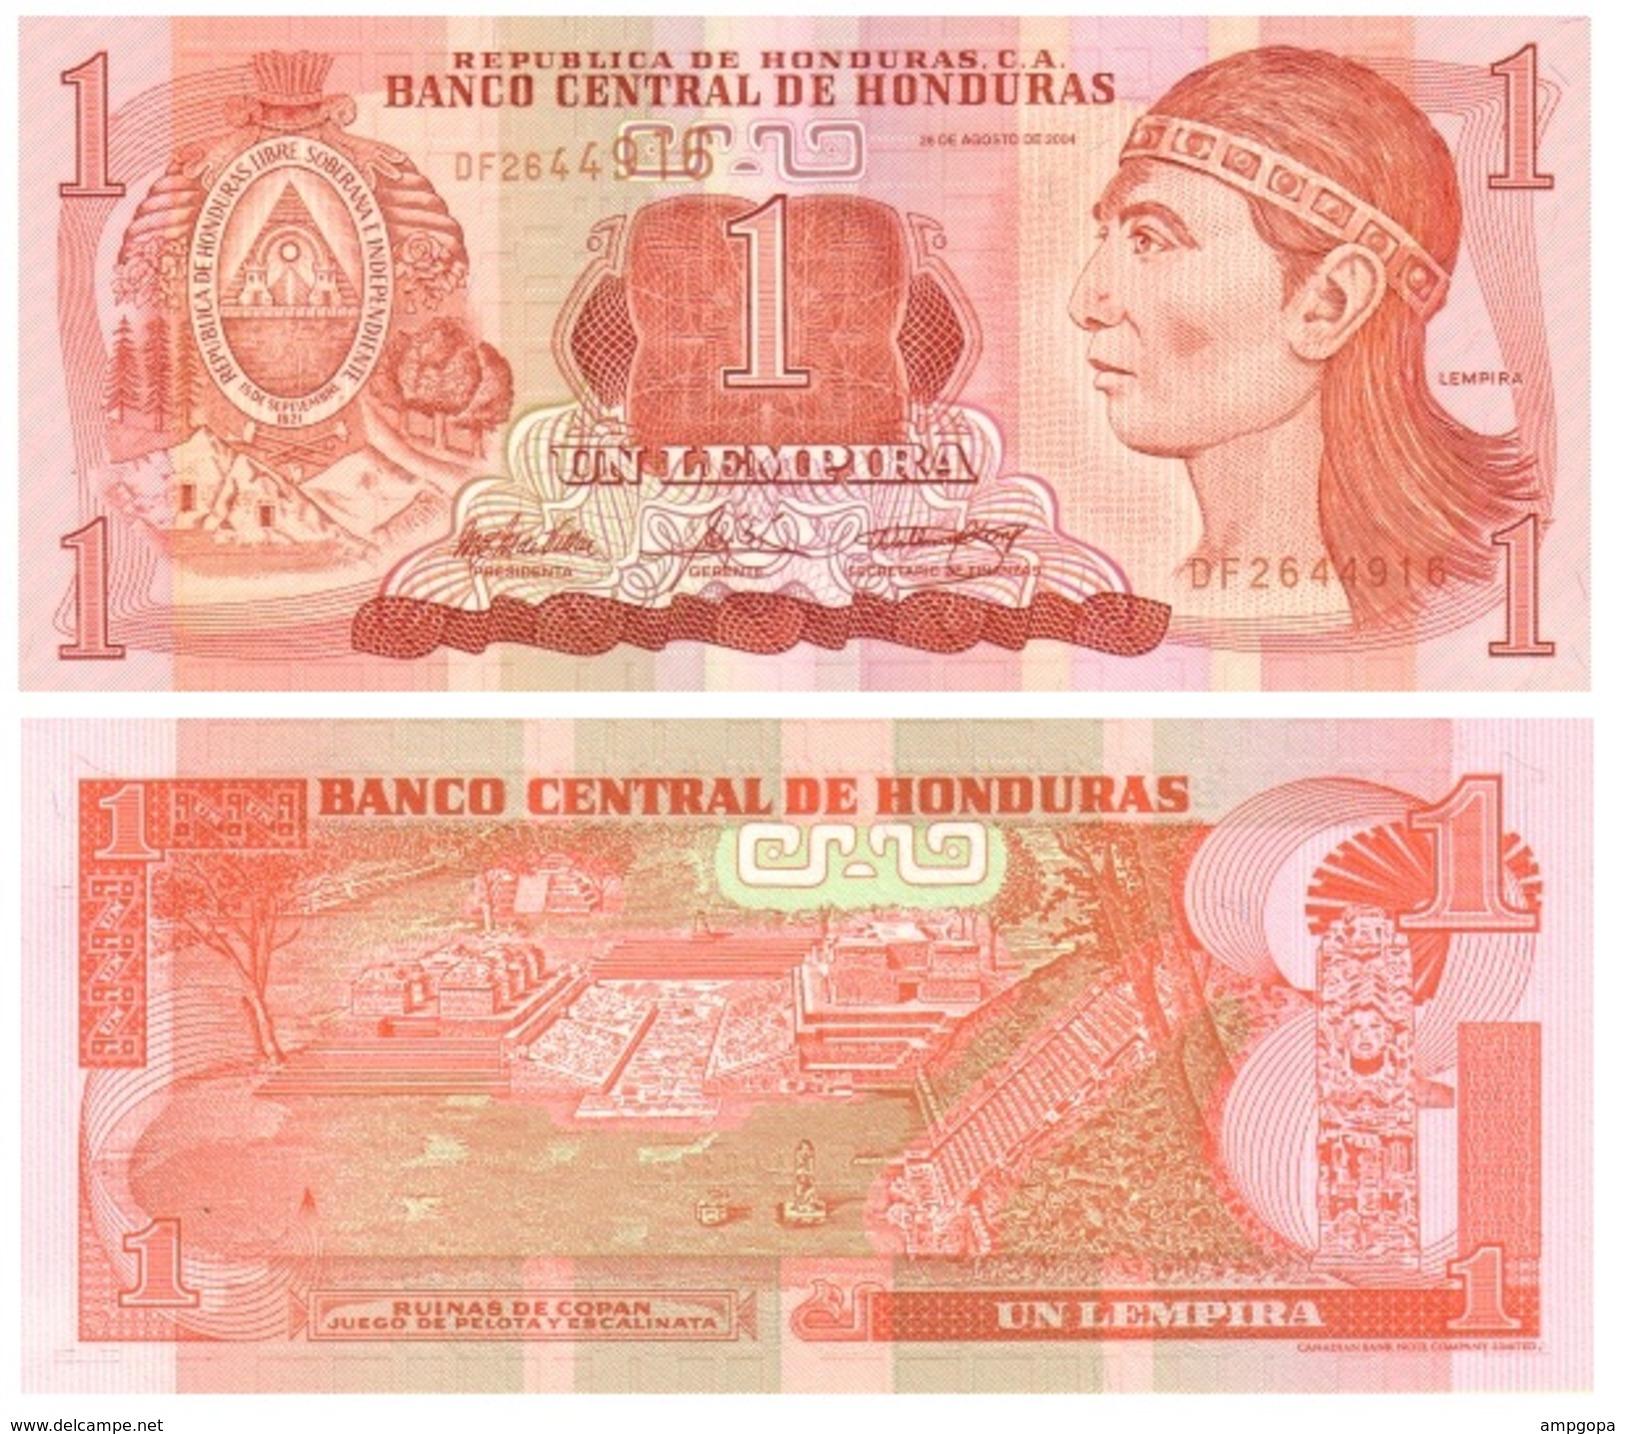 Honduras 1 Lempira 2004 Pick 84-d UNC - Honduras